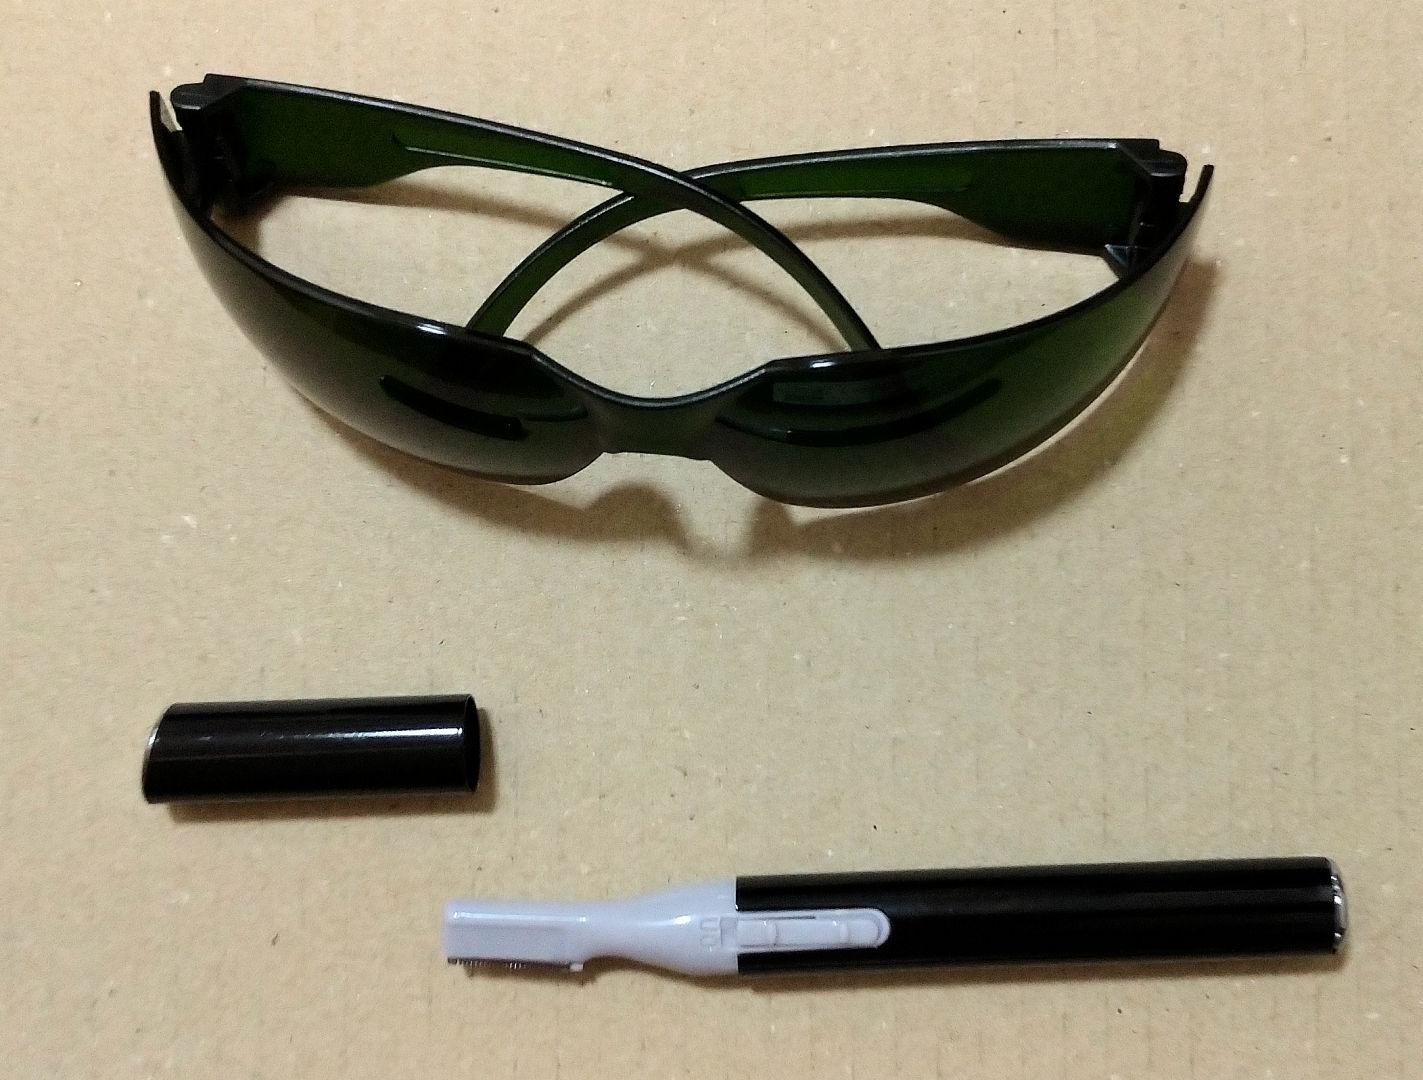 脱毛器 オーパスビューティー03の付属品、サングラスとシェーバー